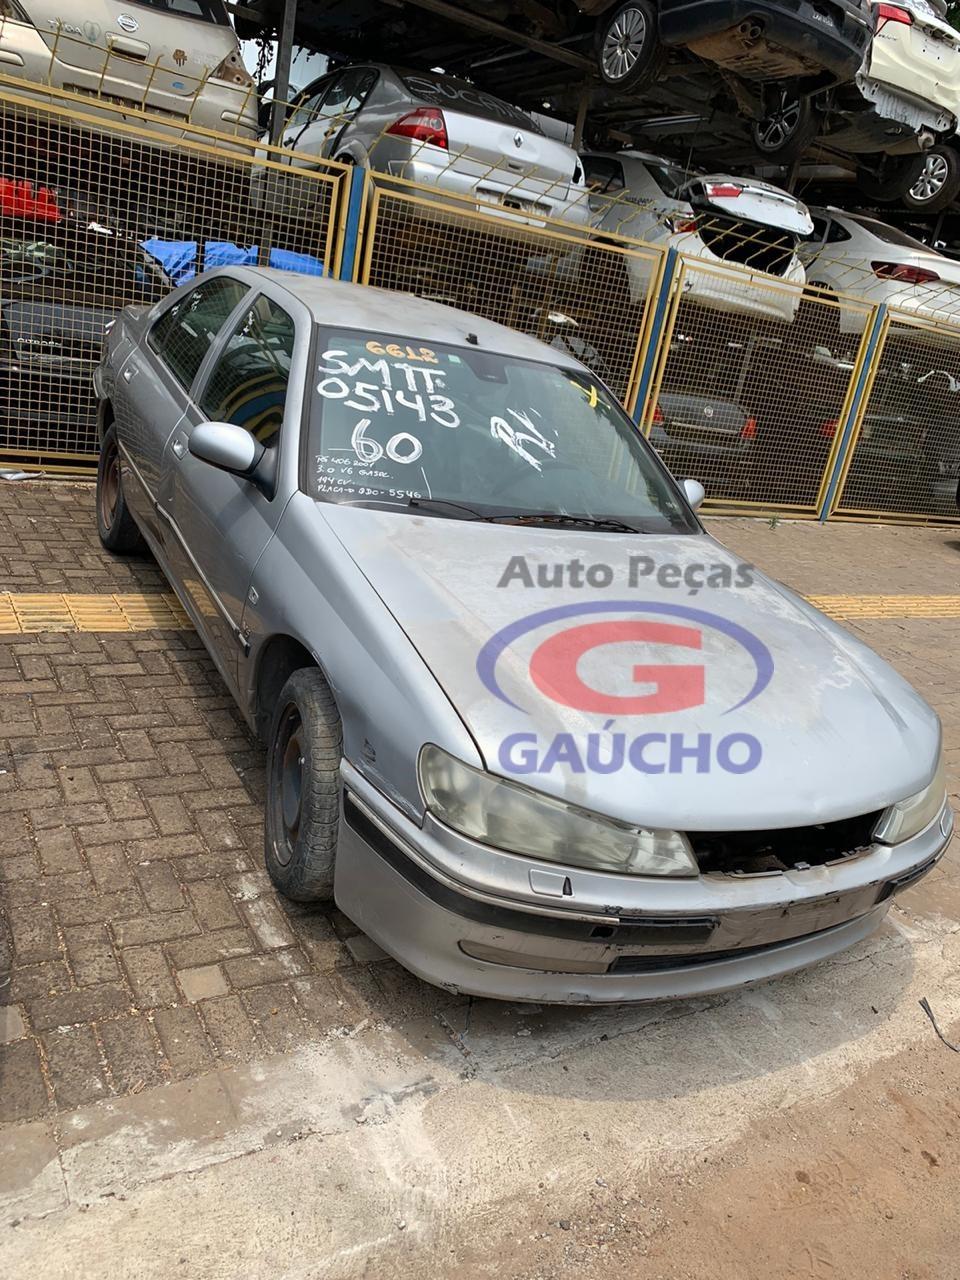 SUCATA  PEUGEOT 406 SEDAN 2001 3.0 V6 24V GAS. 194 CV, CÂMBIO AUTOMÁTICO